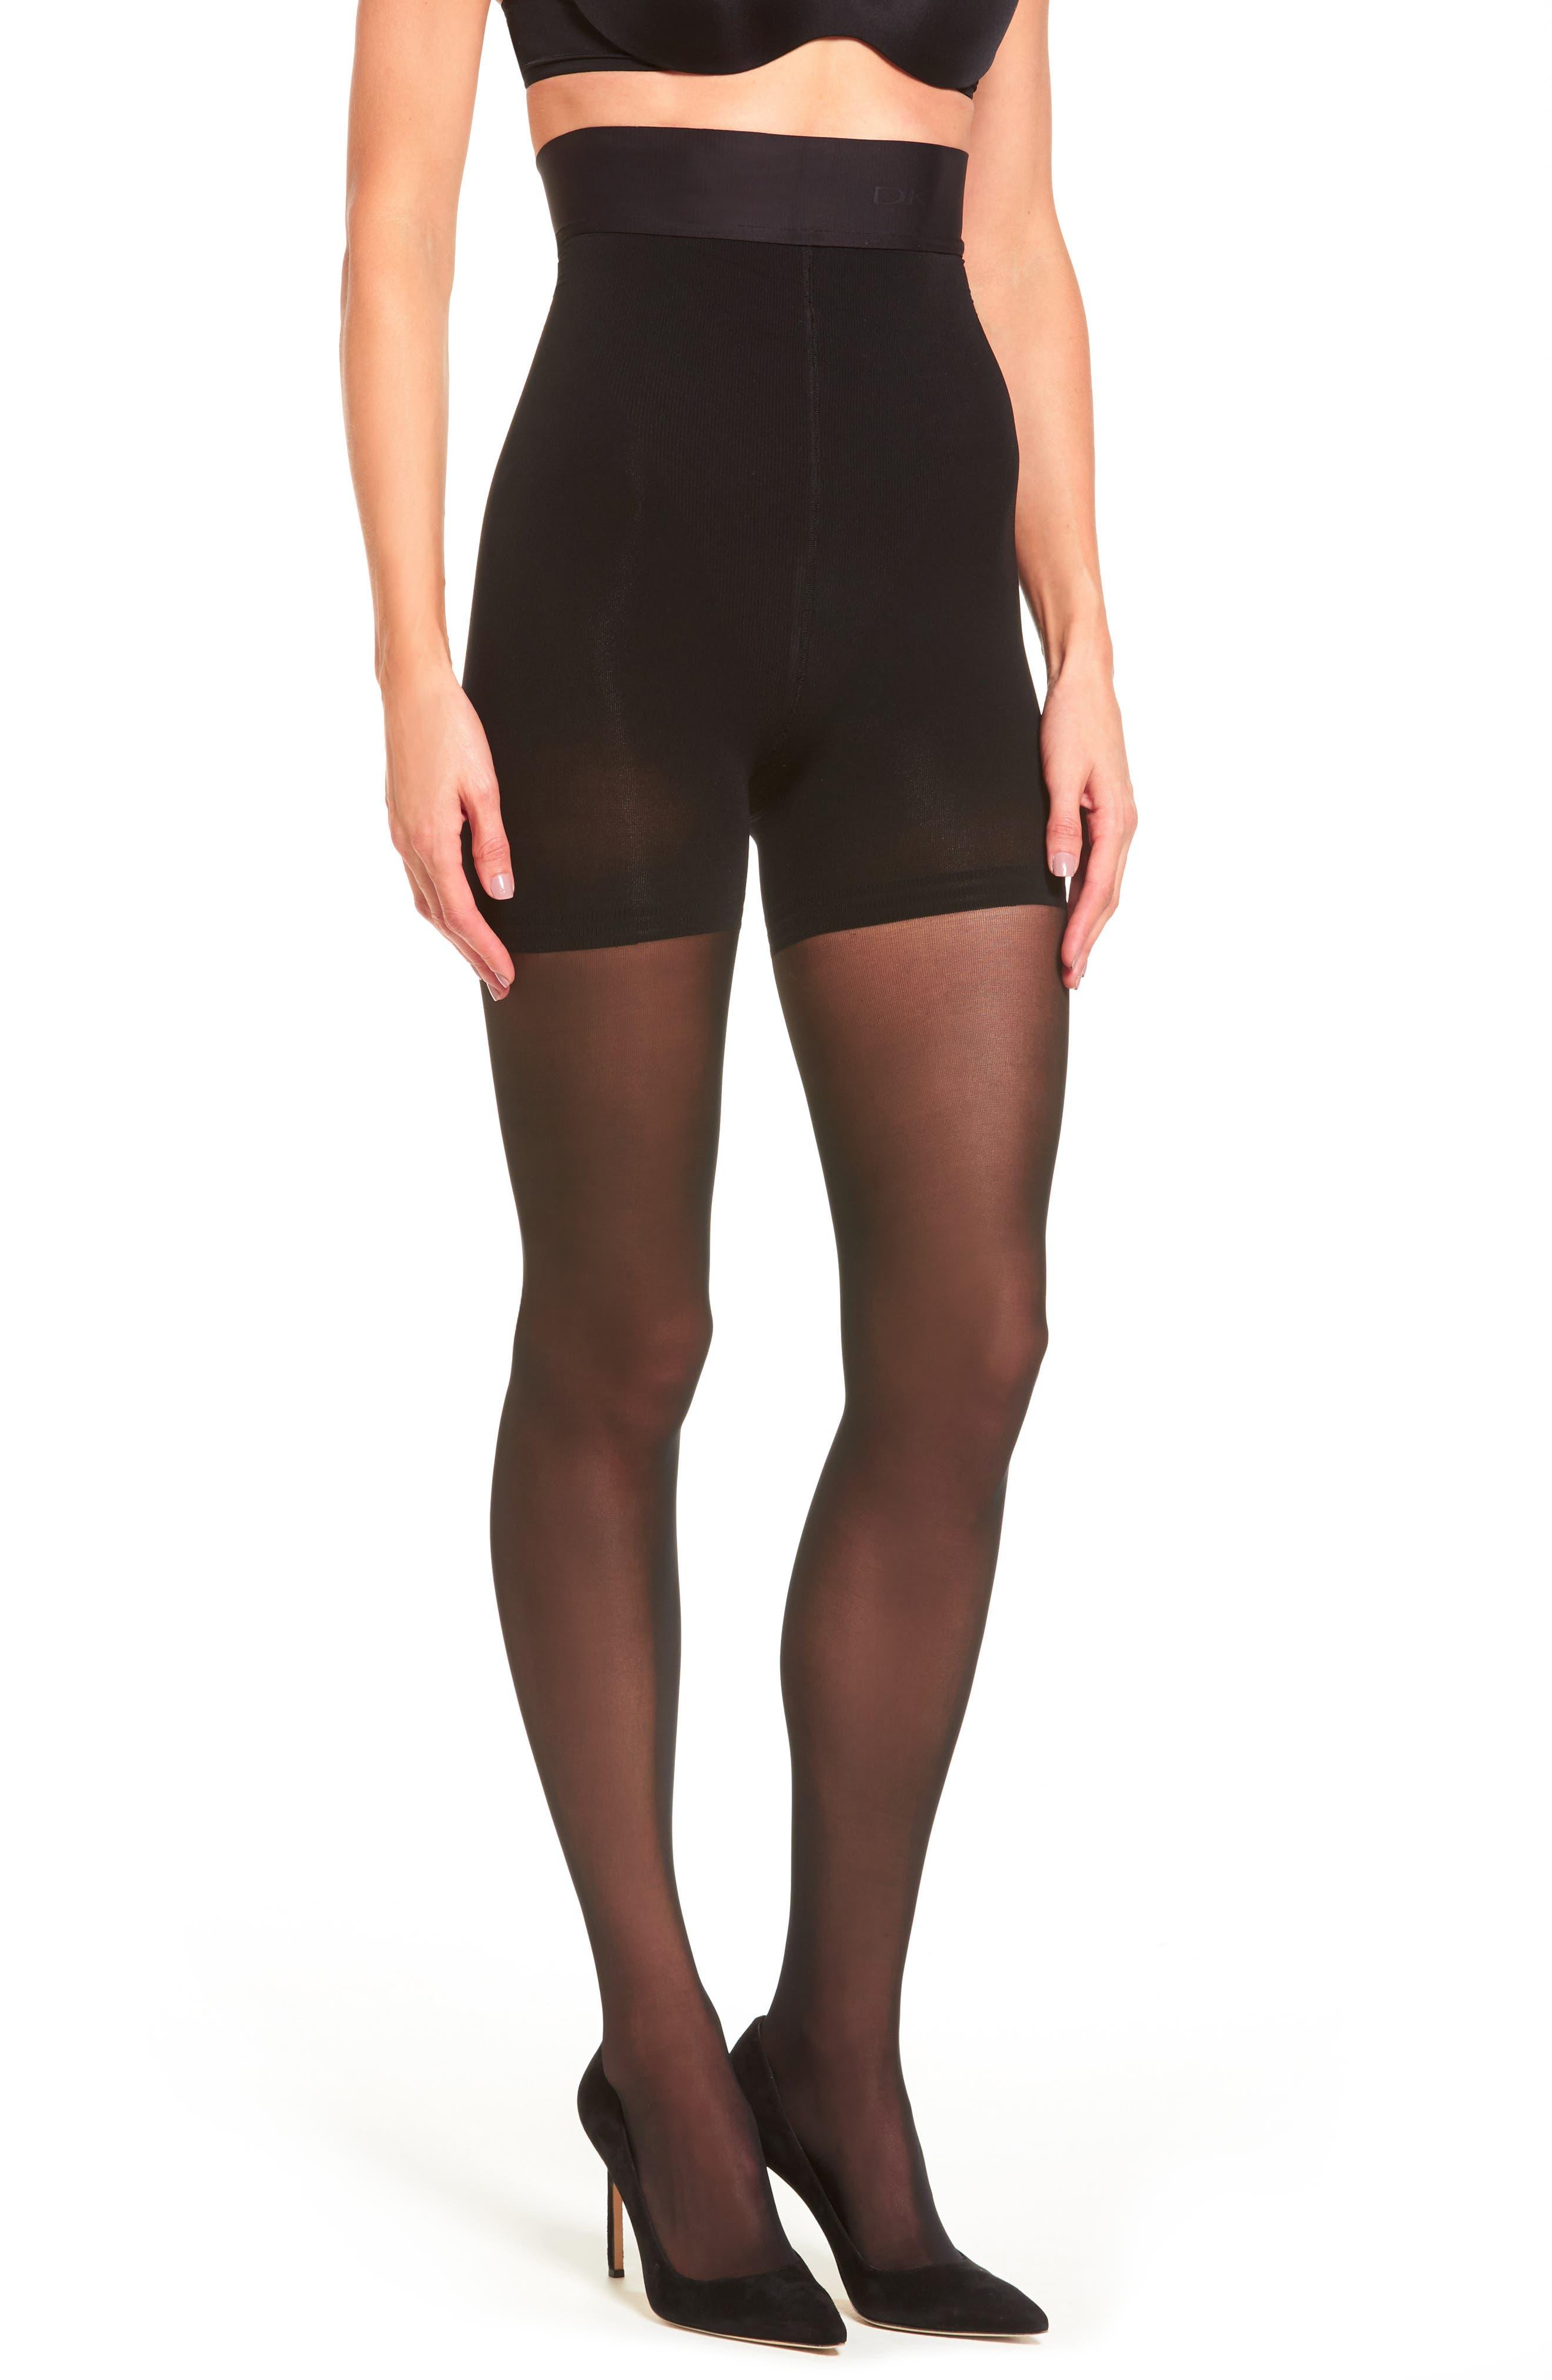 Alternate Image 1 Selected - Donna Karan High Waist Control Top Pantyhose